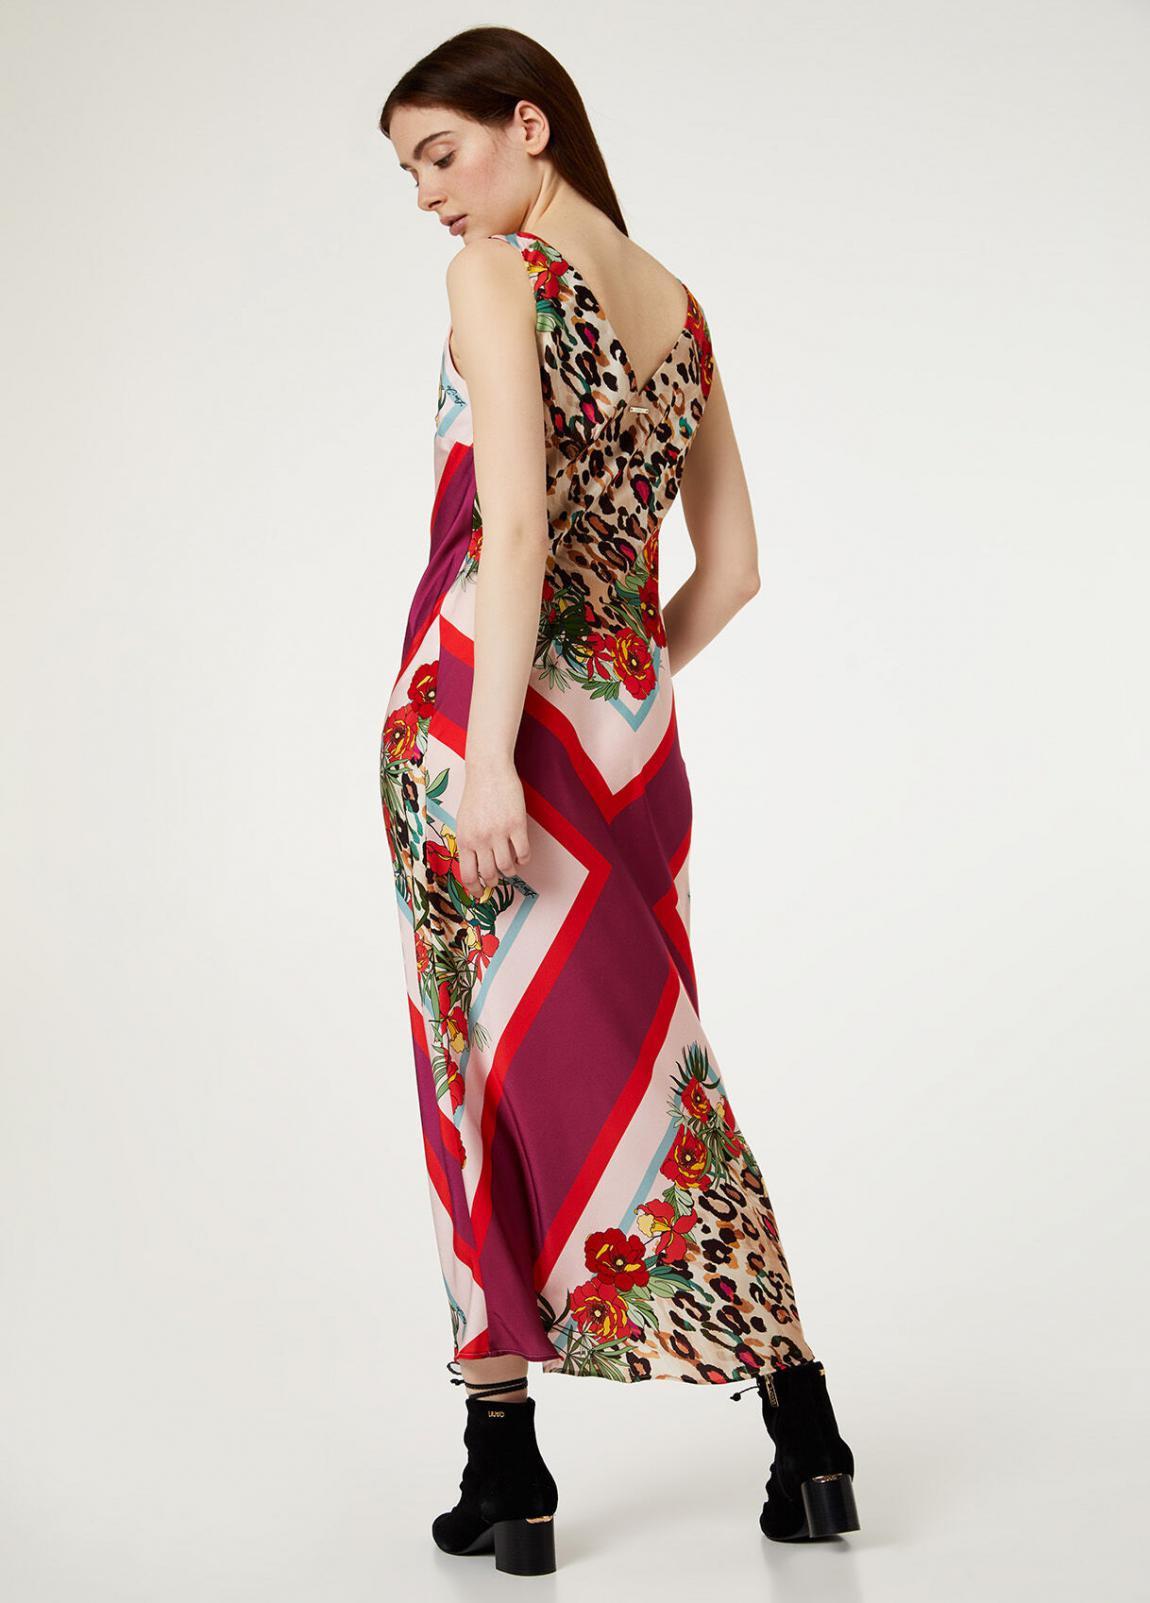 Damen Langes Kleid Aus Bedrucktem Satin  Liu Jo Kleider